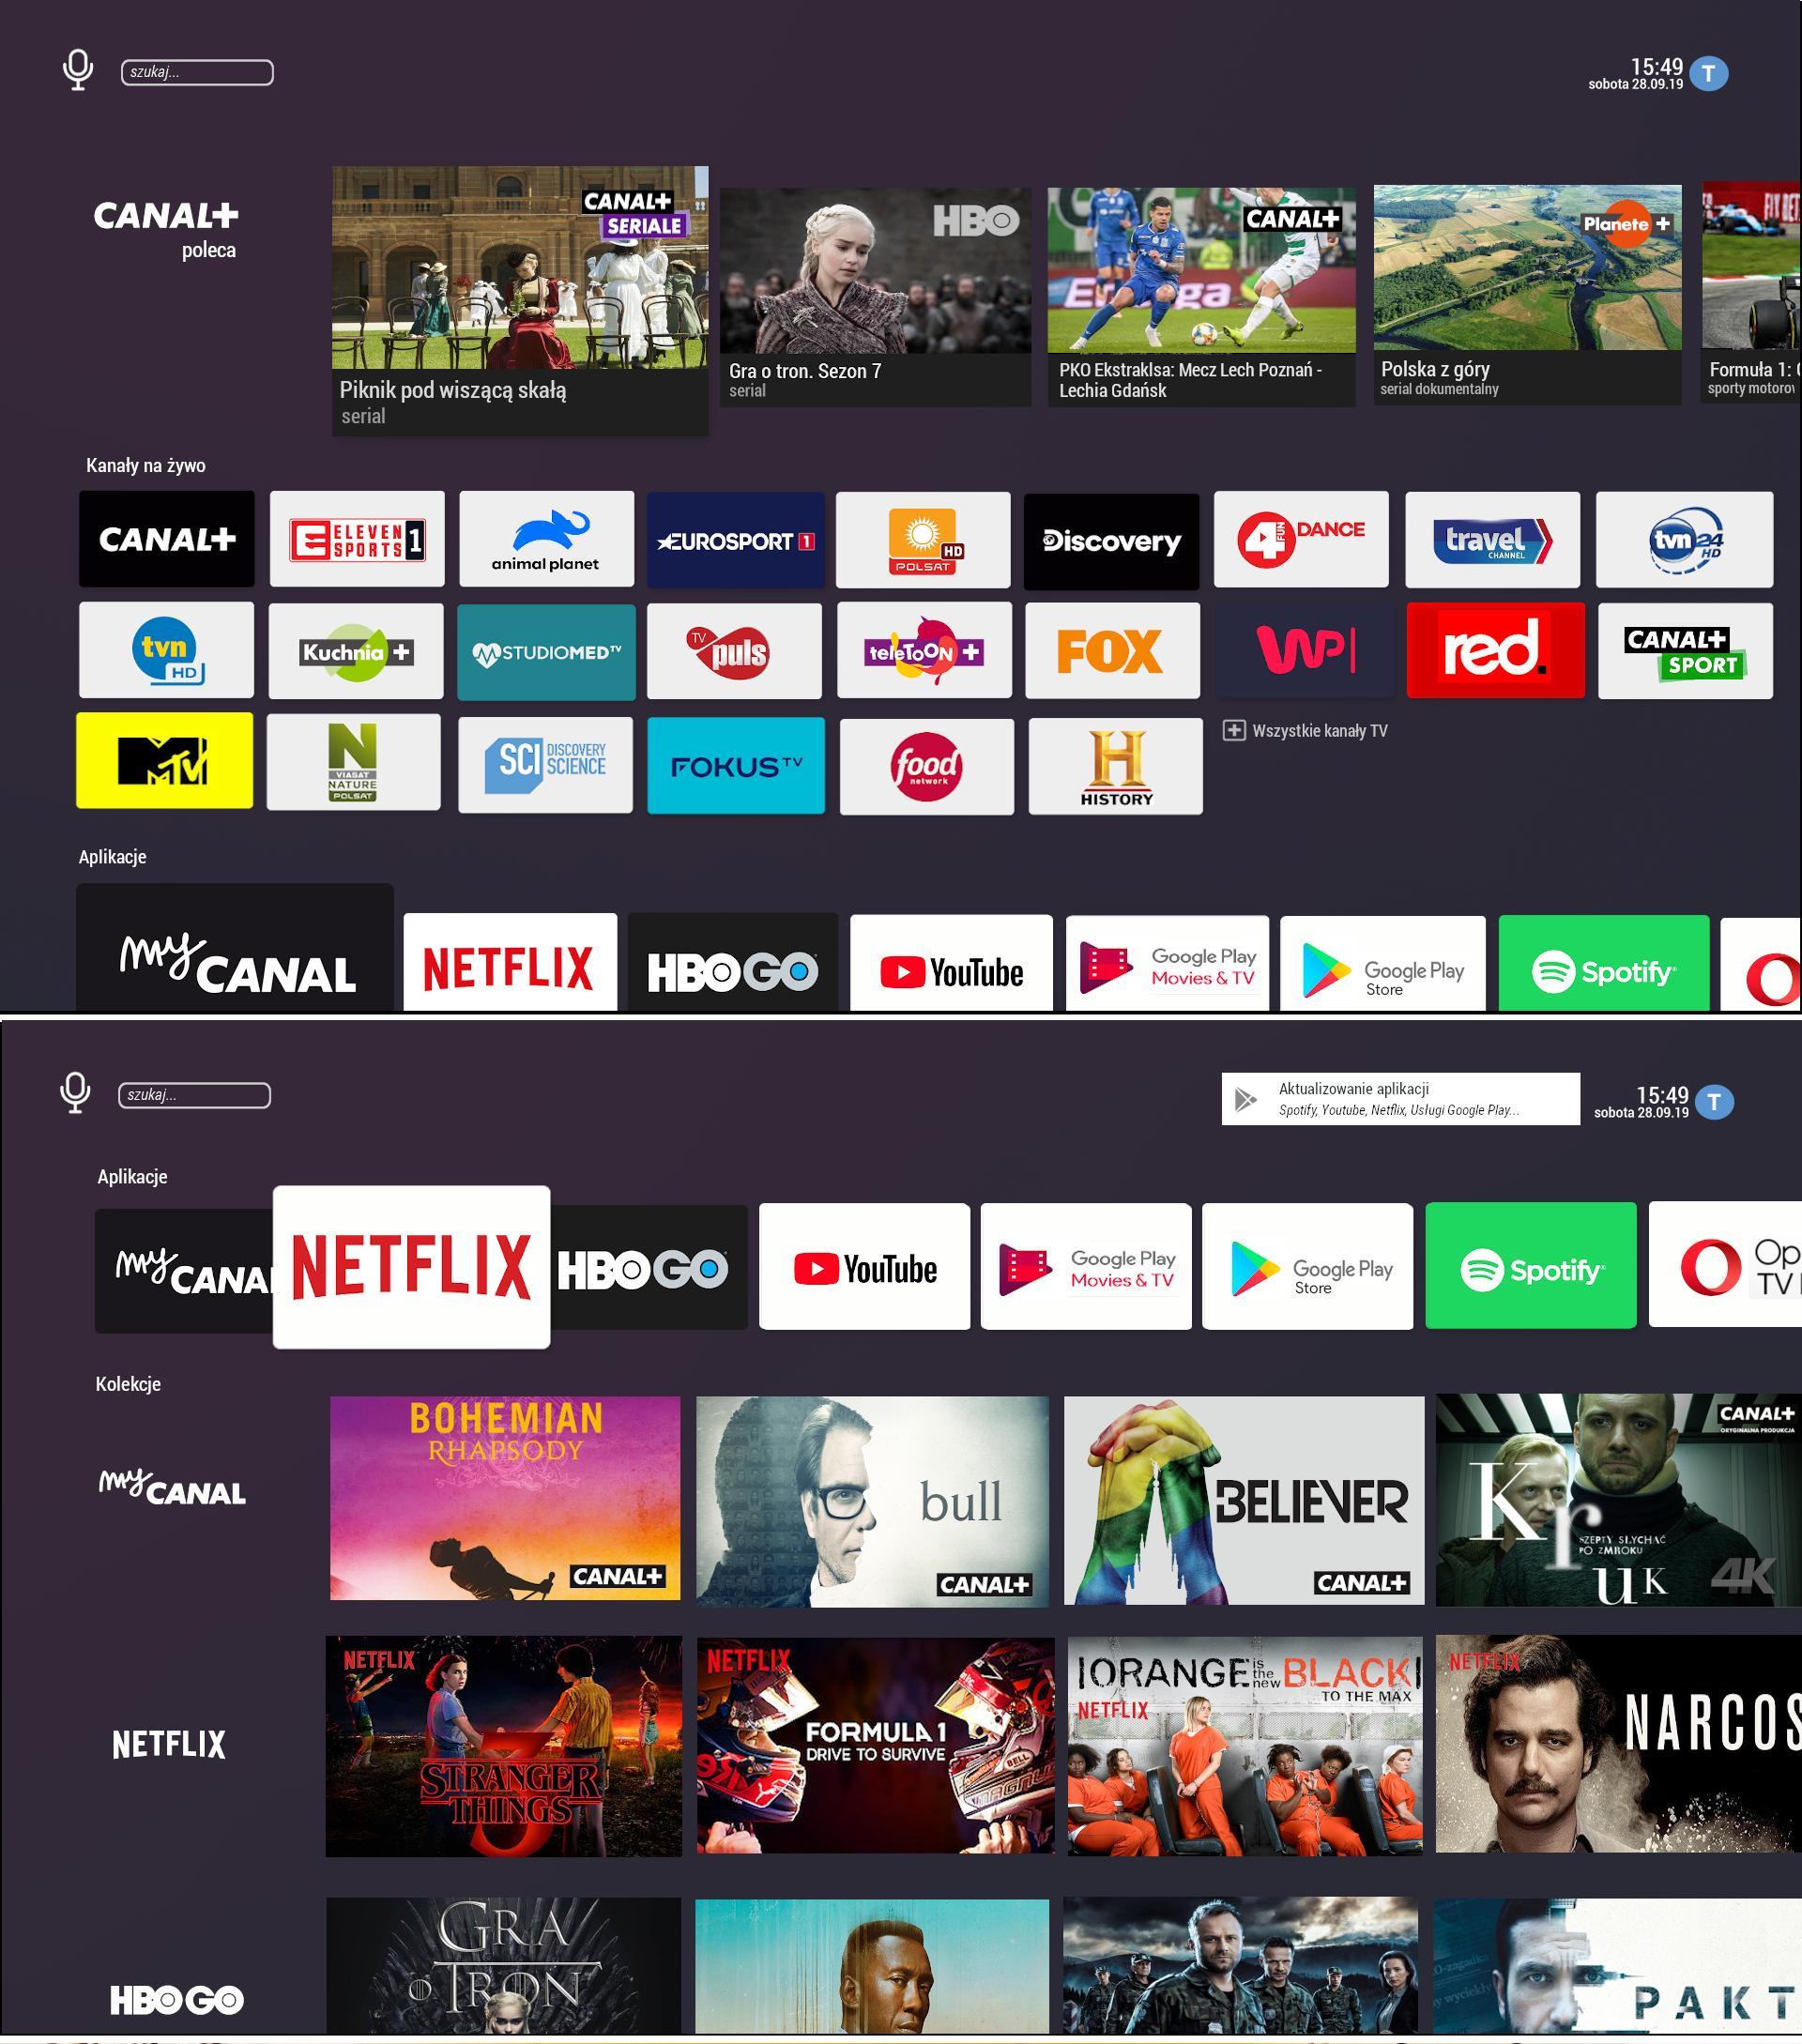 Screenshots de la nouvelle interface Android TV développée pour un prochain décodeur Canal+.